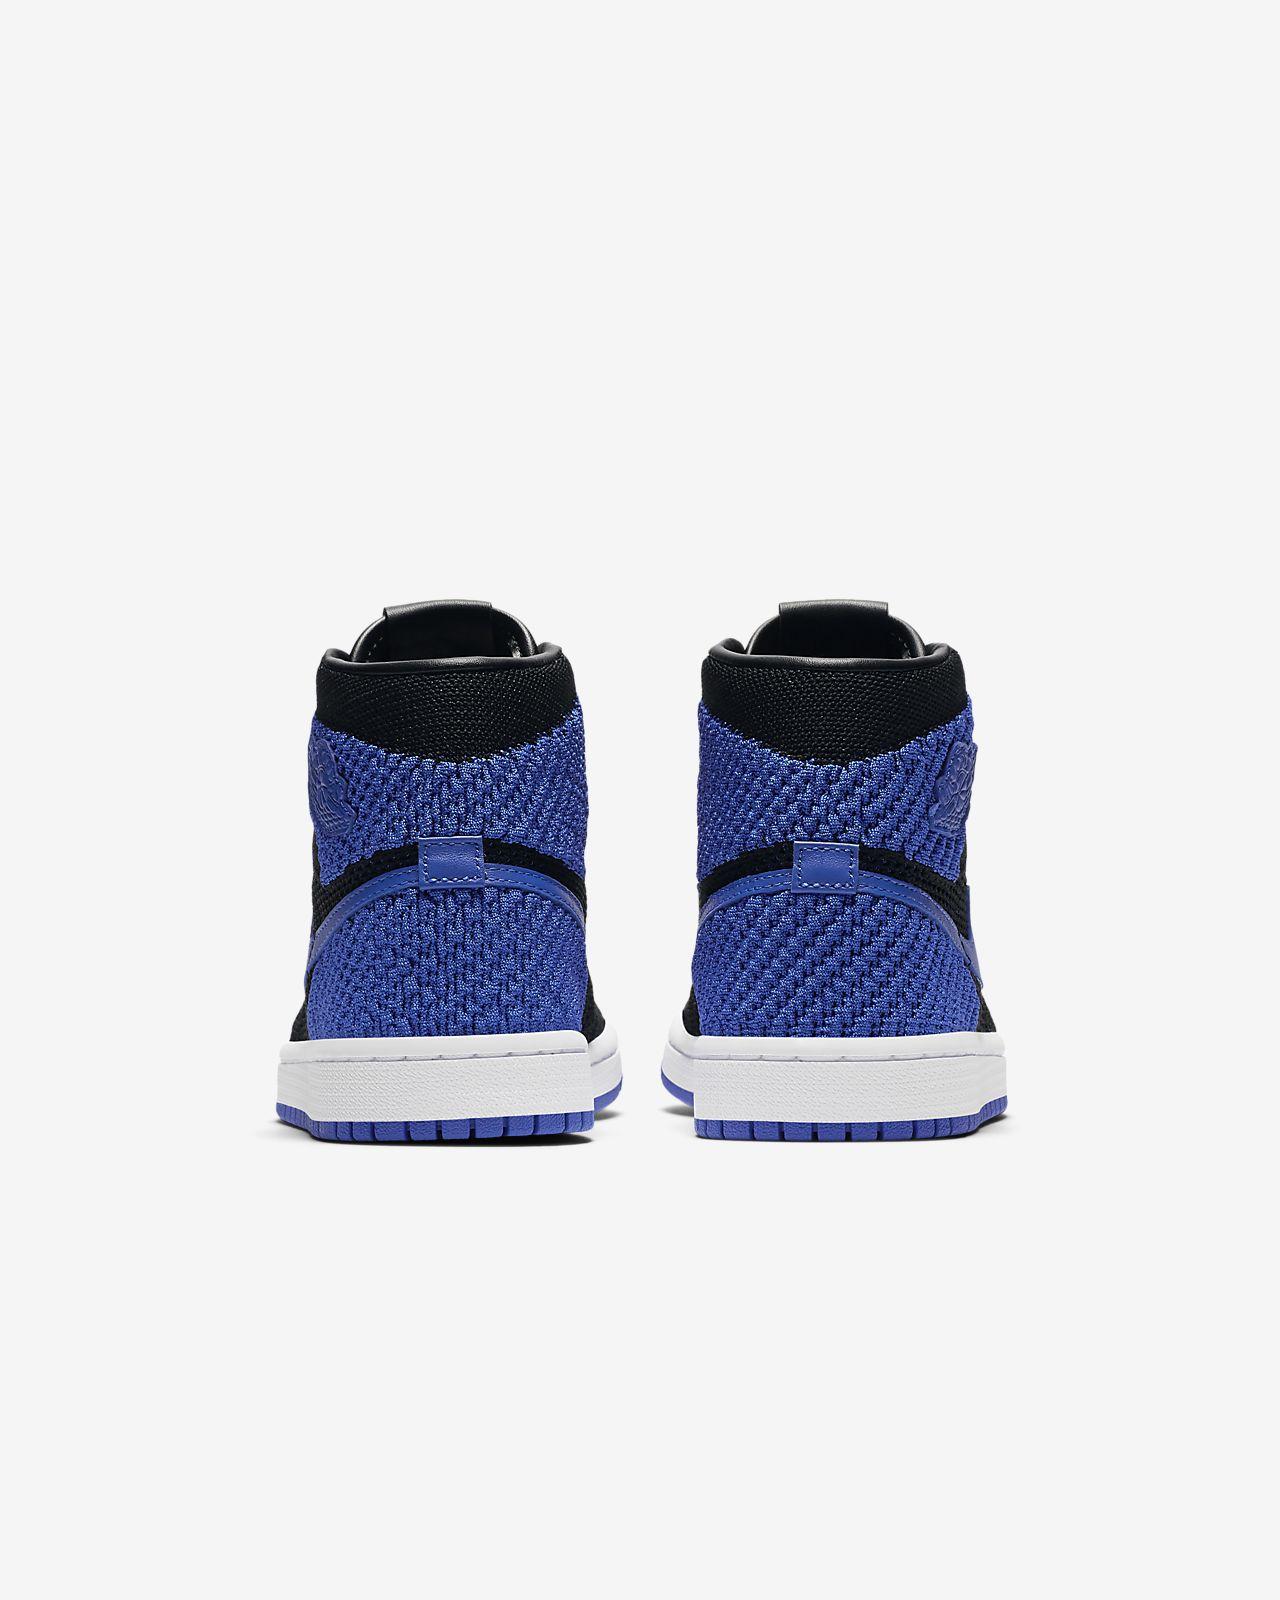 4058973d Кроссовки для школьников Air Jordan 1 Retro High Flyknit. Nike.com RU